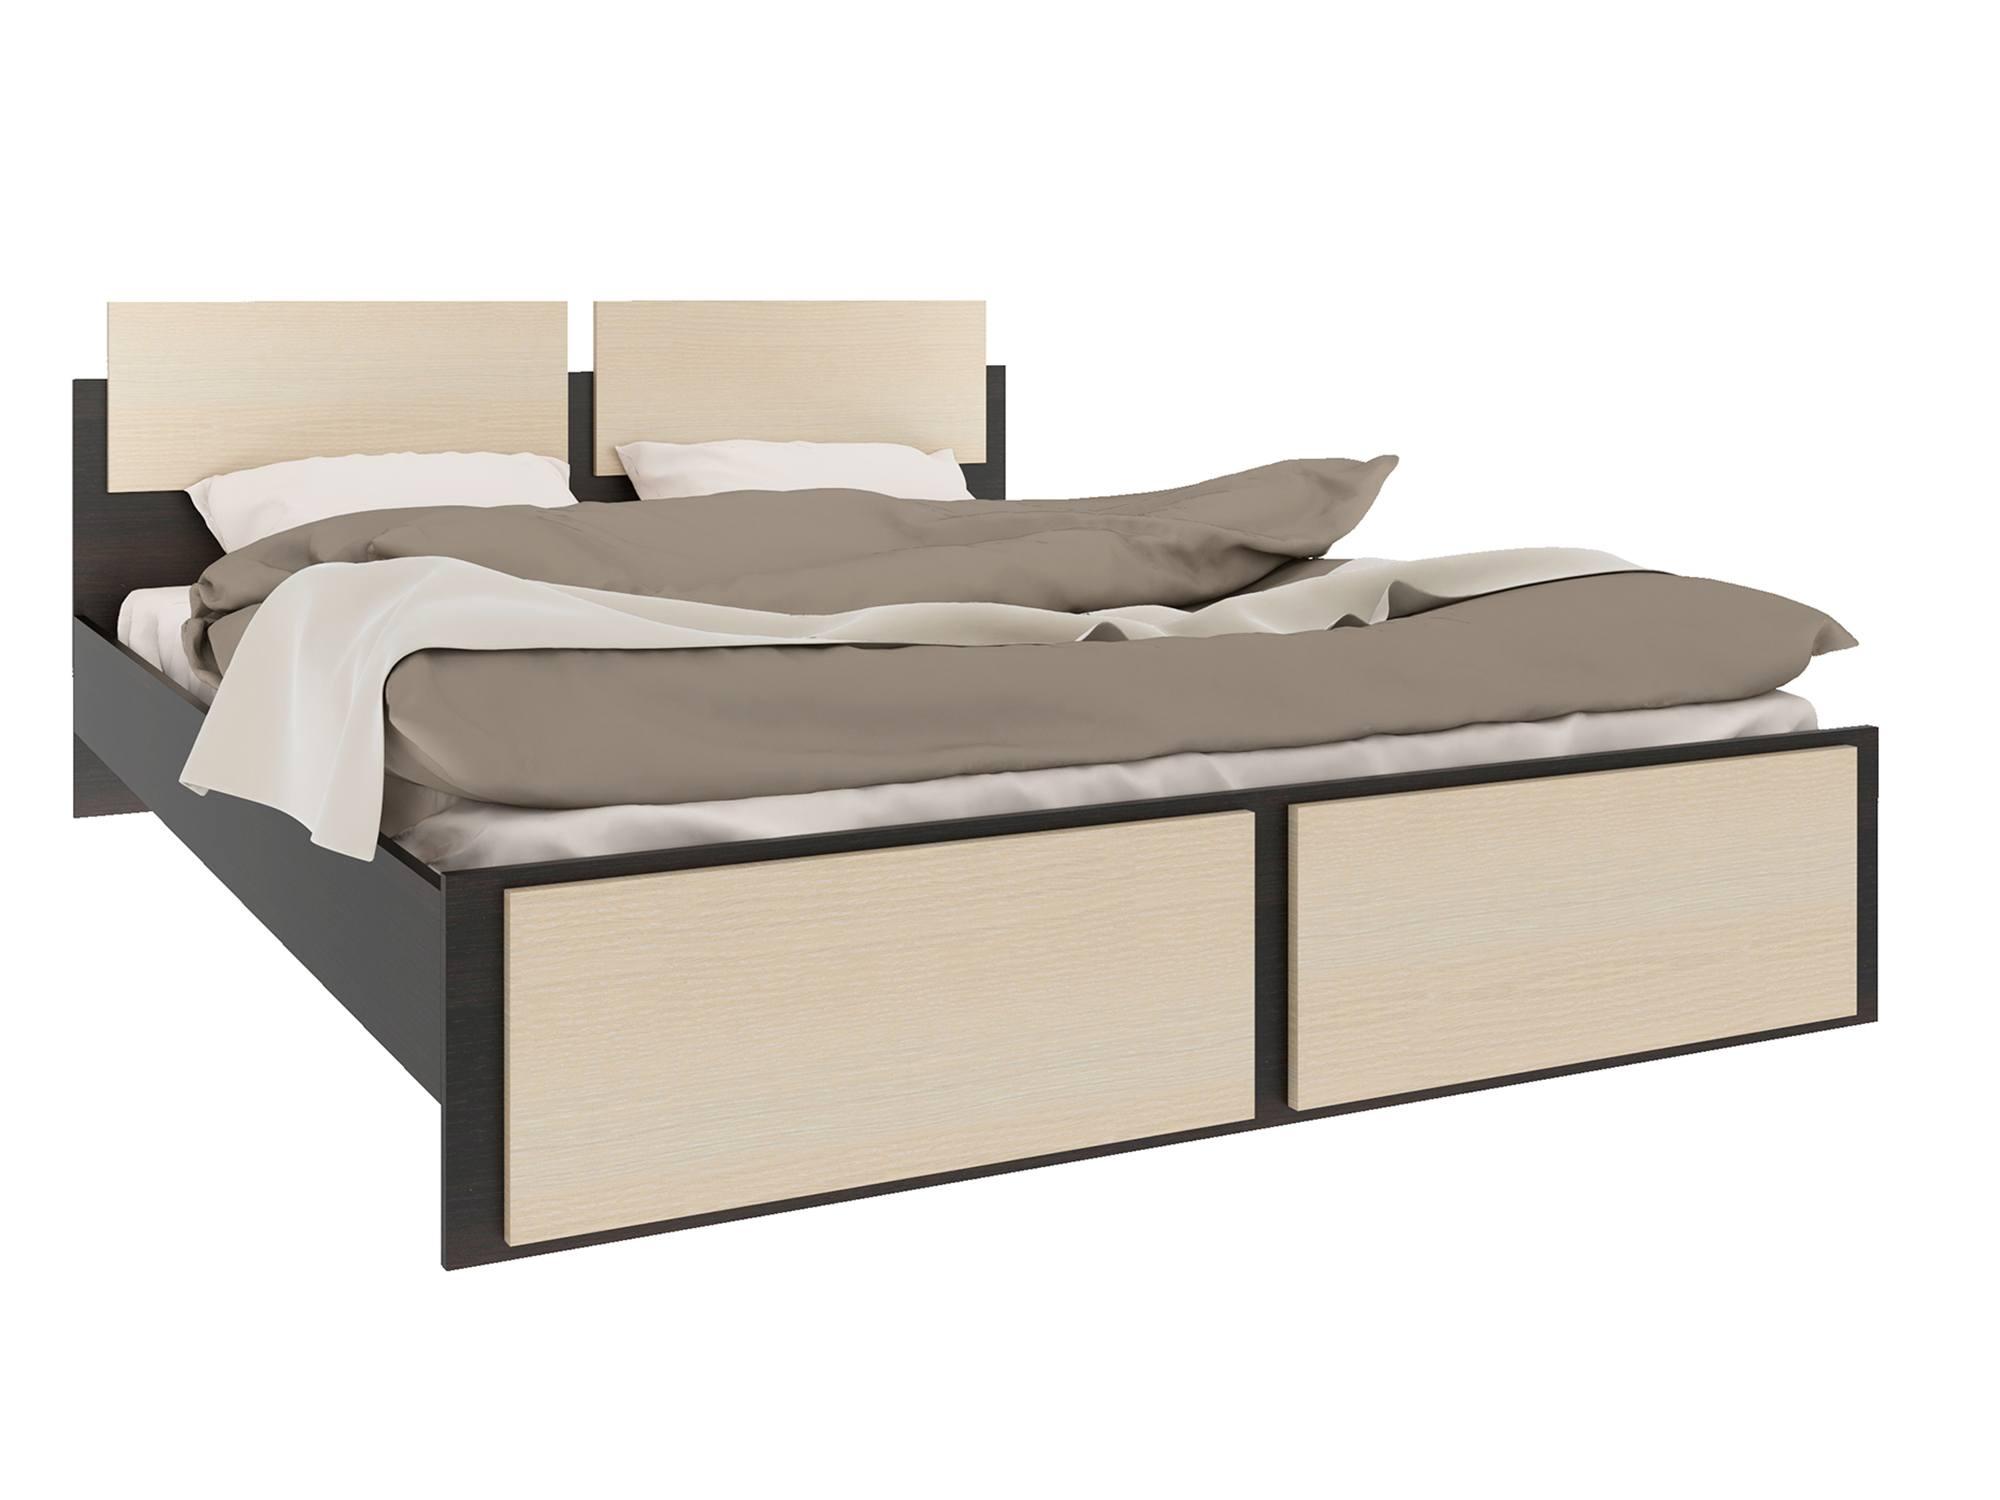 Фото - Кровать Уют (160х200) Дуб молочный, Бежевый, Коричневый темный, ЛДСП спальня виктория дуб молочный бежевый коричневый темный лдсп